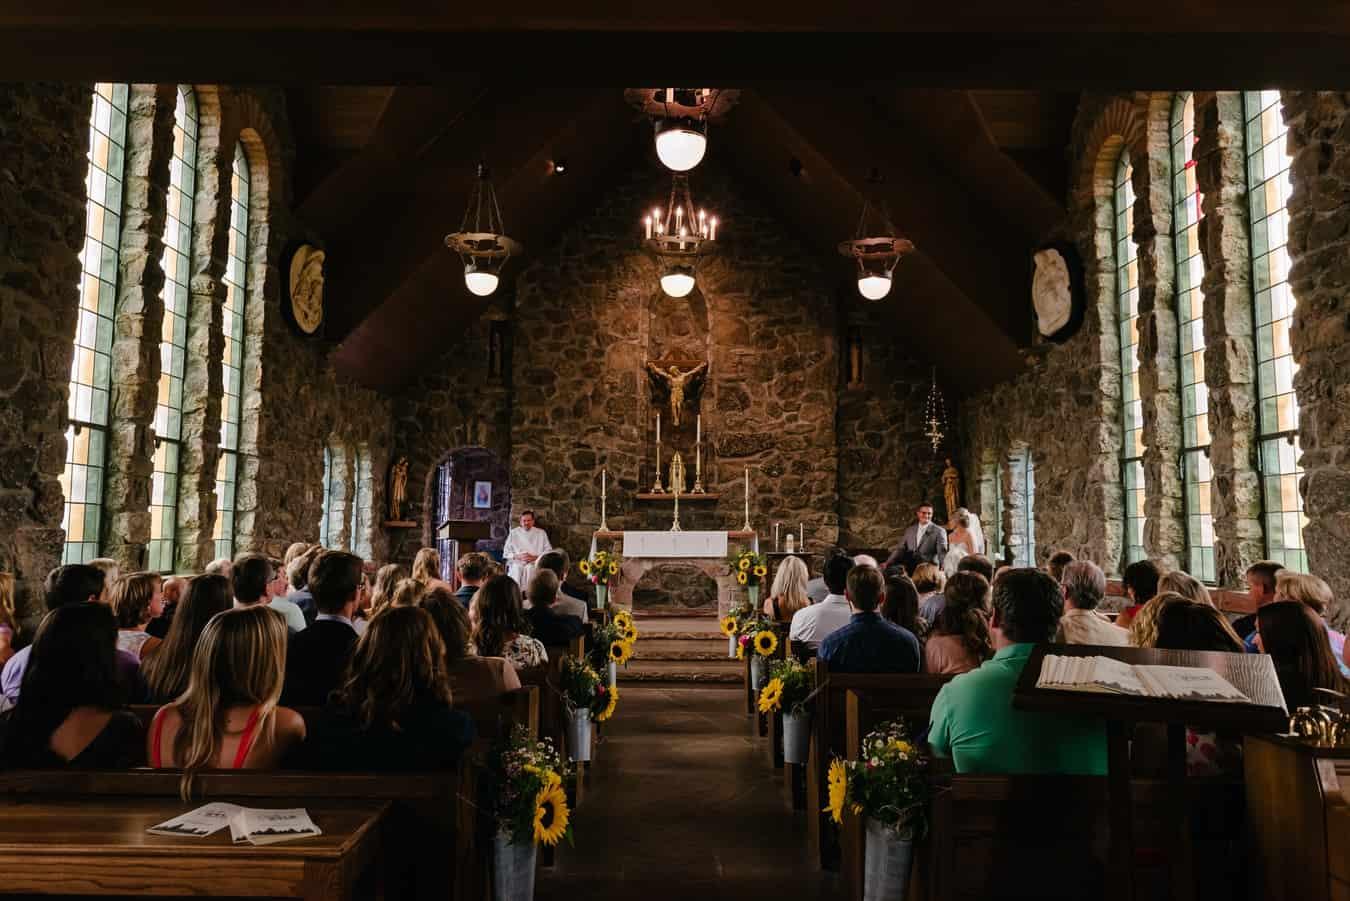 wedding ceremony order - catholic wedding